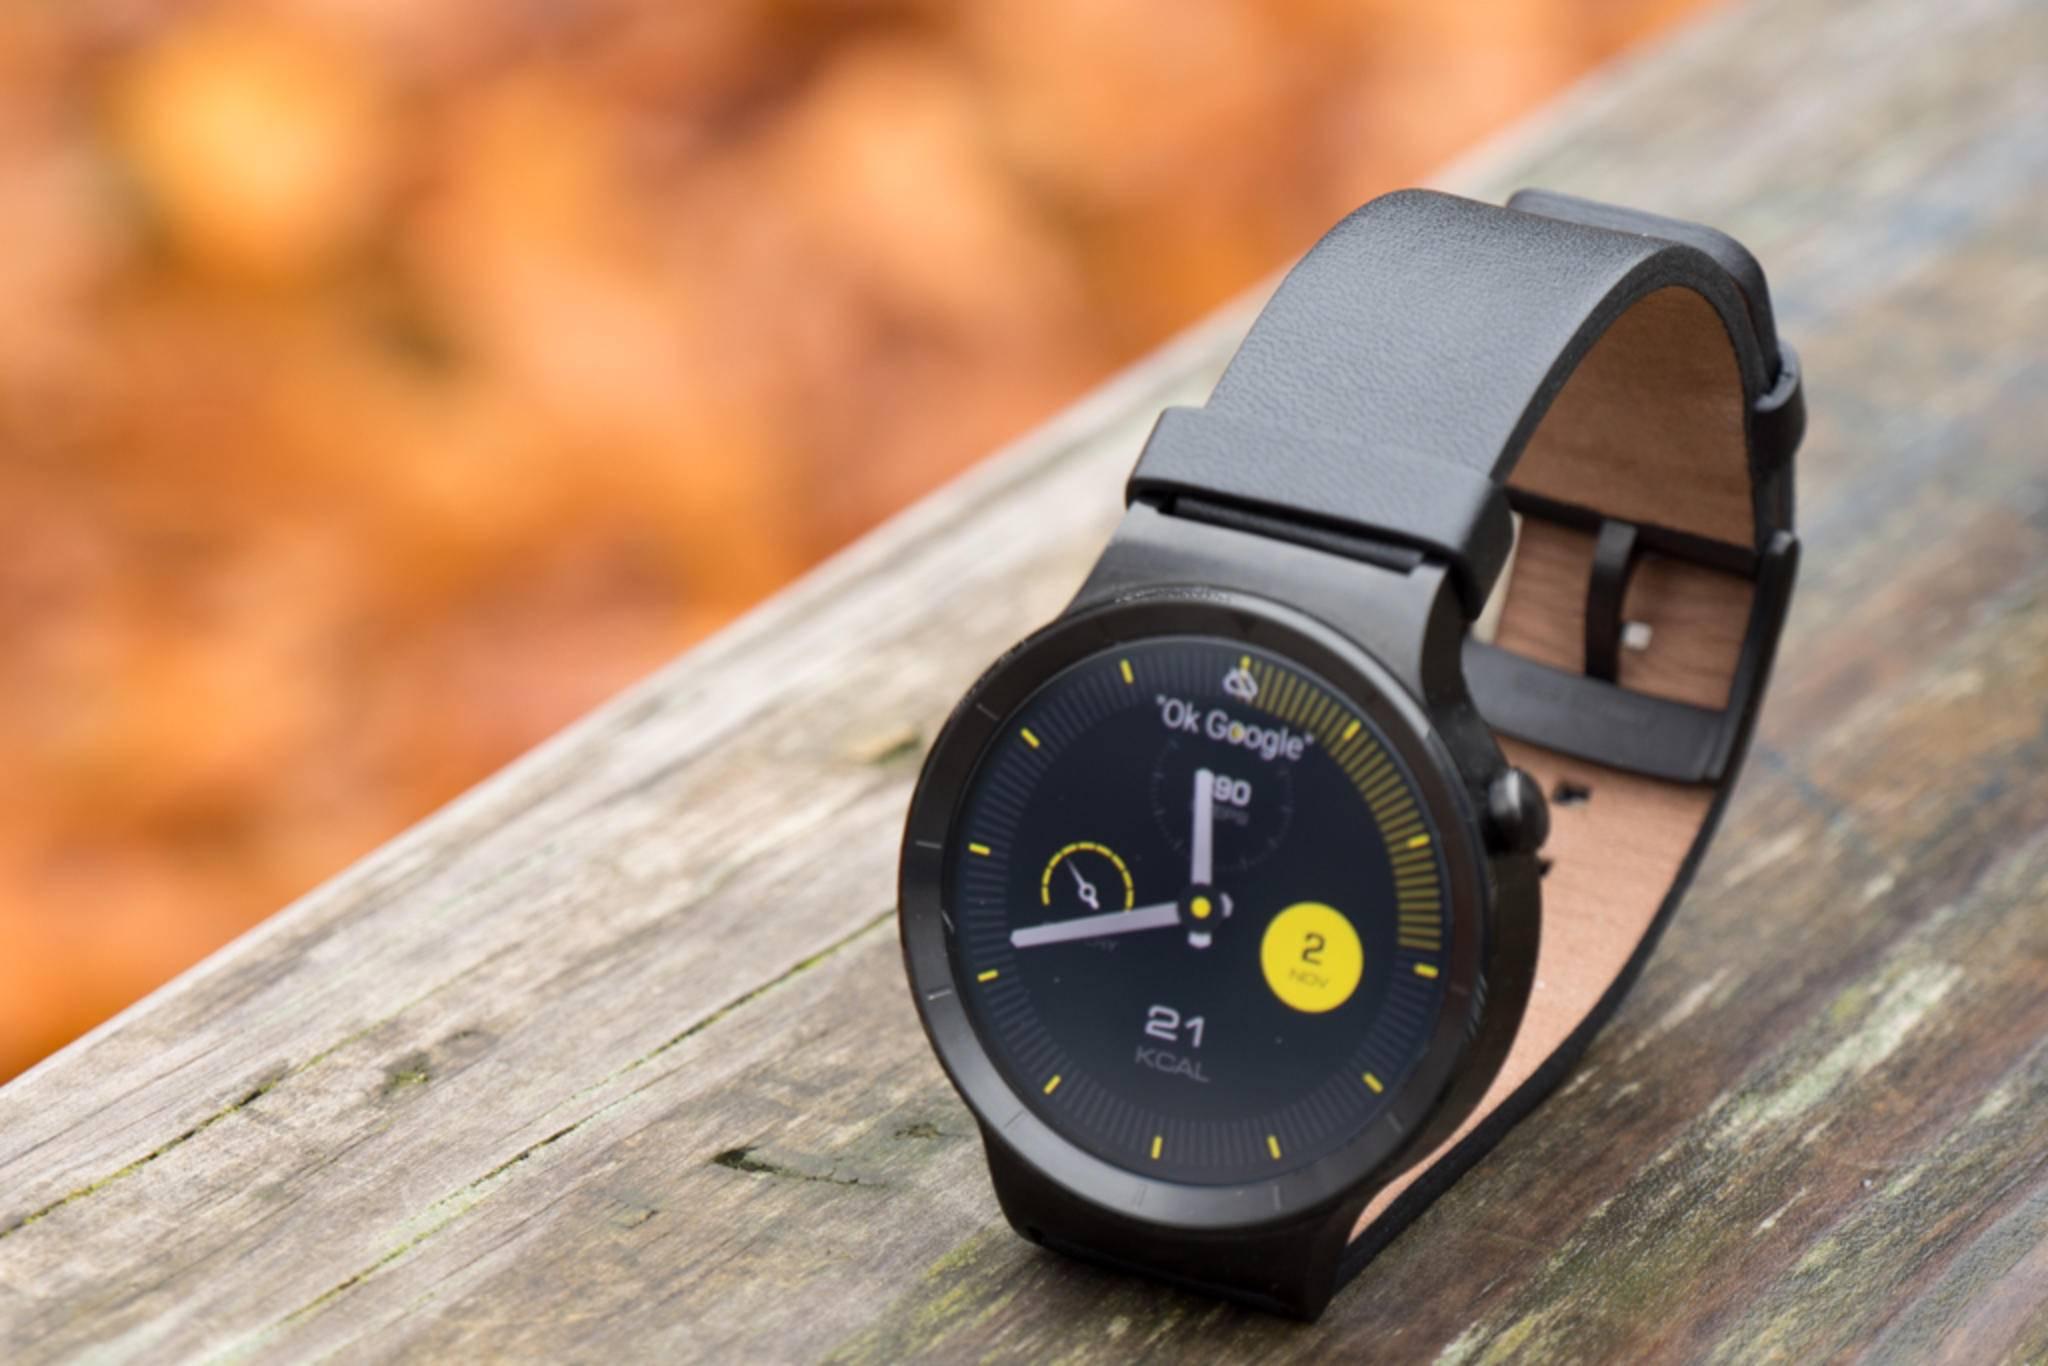 Die Huawei Watch soll auch in einer Damen-Version kommen.